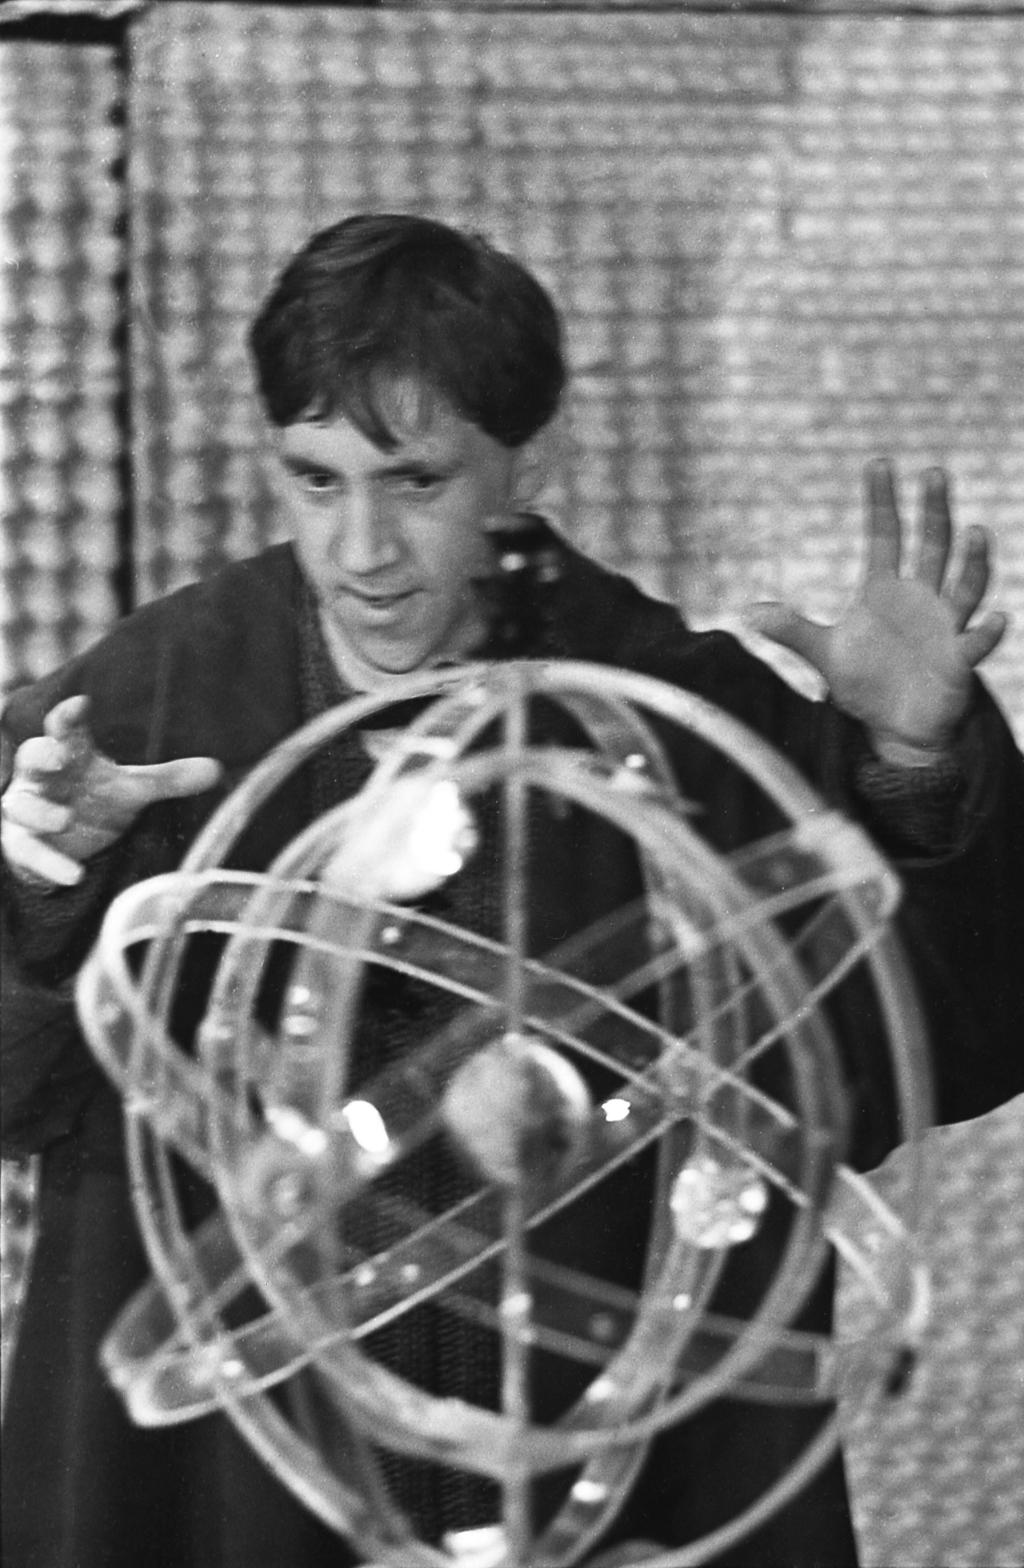 Viszockij Bertold Brecht Galilei című színdarabjában a Taganka színházban 1966-ban #moszkvater